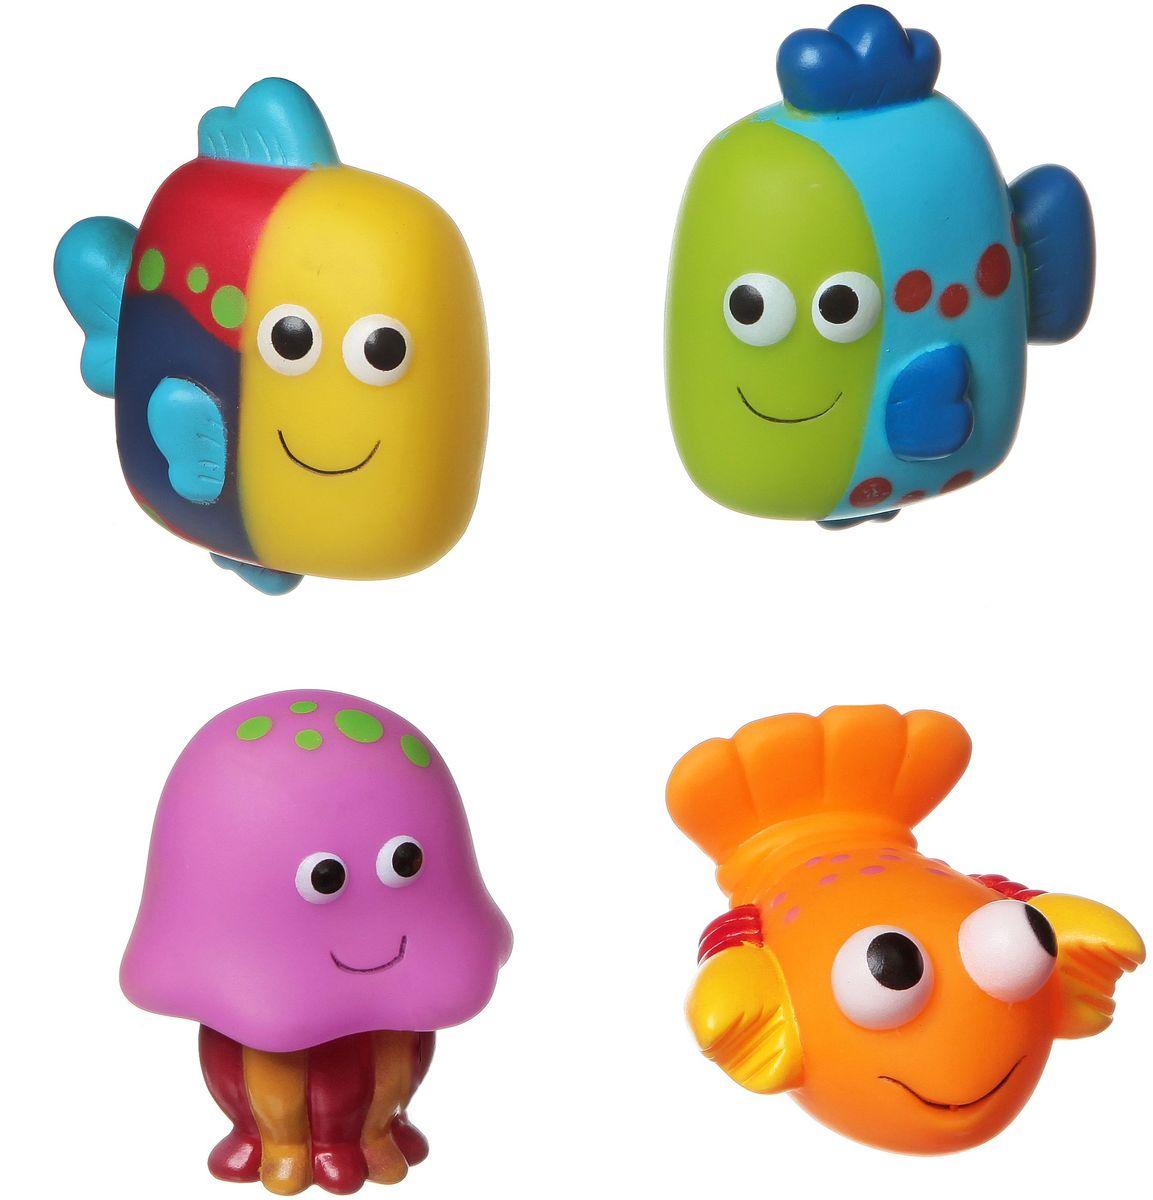 Фото - Bondibon Набор для купания Рыбки, Рак, Медуза bondibon набор для купания рыбы рак медуза разноцветный